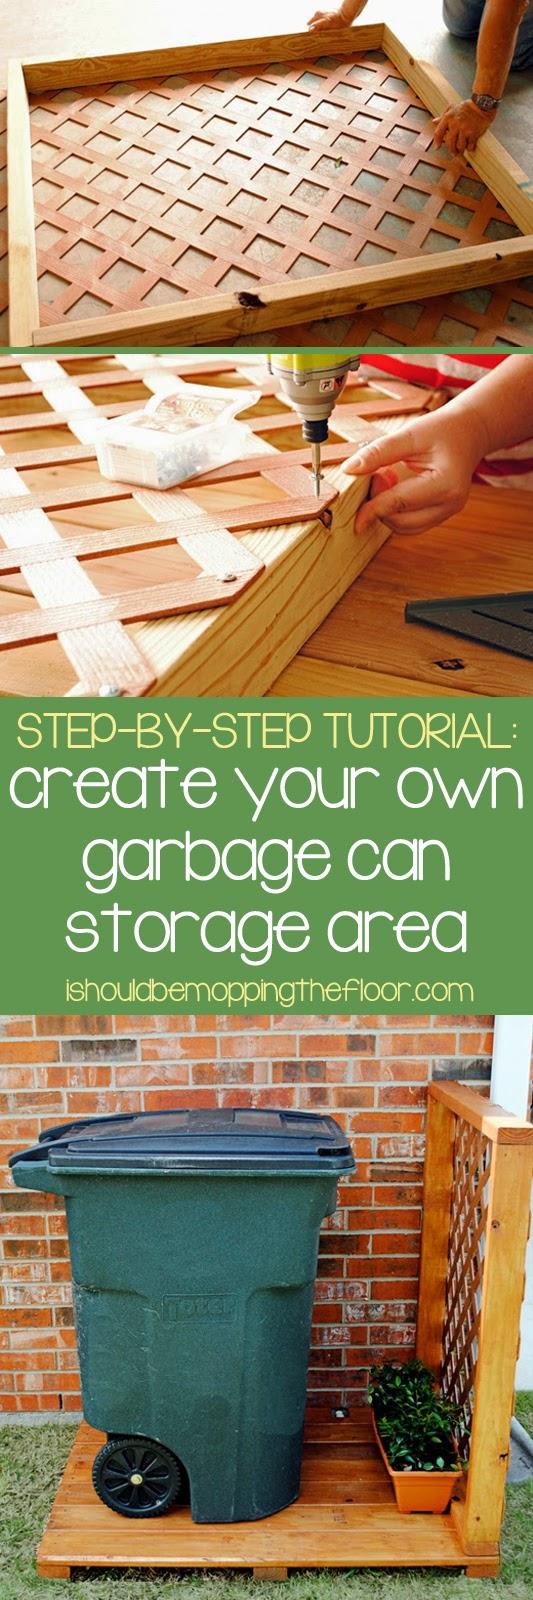 Dumpster Storage